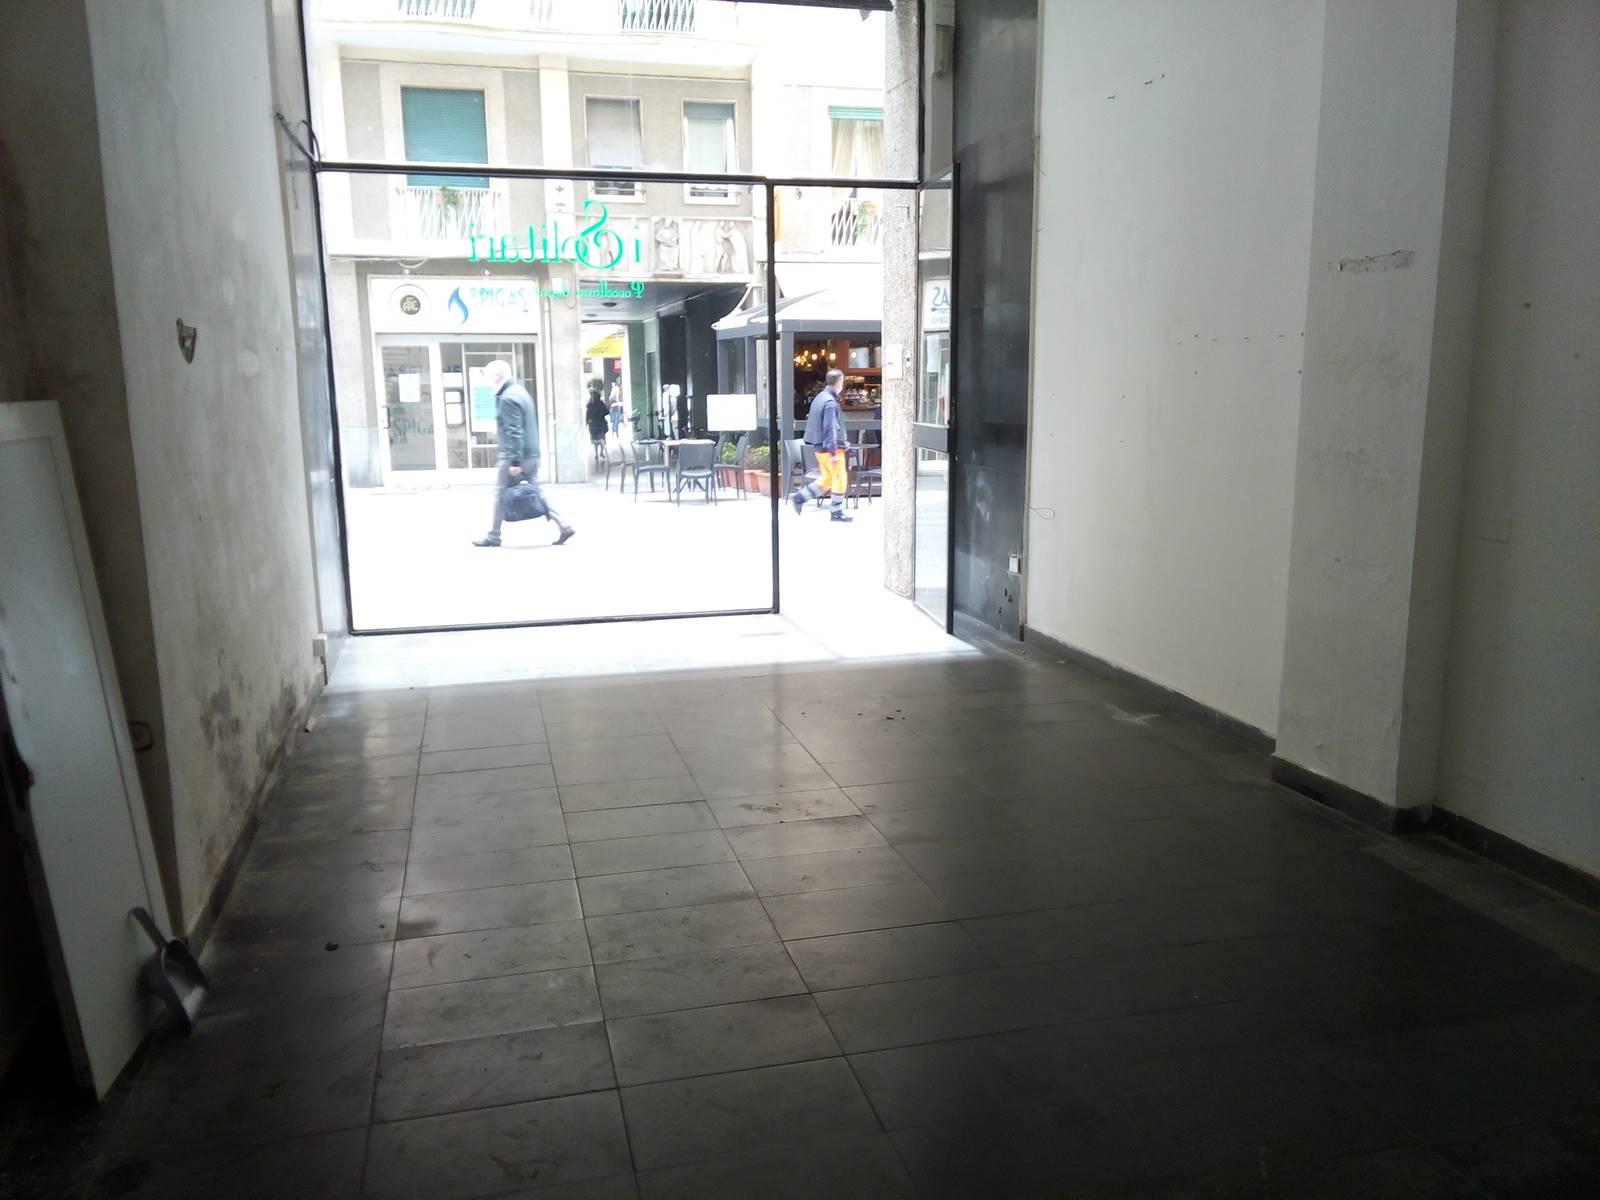 Immobile Commerciale in affitto a La Spezia, 1 locali, zona Località: CENTRO, prezzo € 1.300   PortaleAgenzieImmobiliari.it